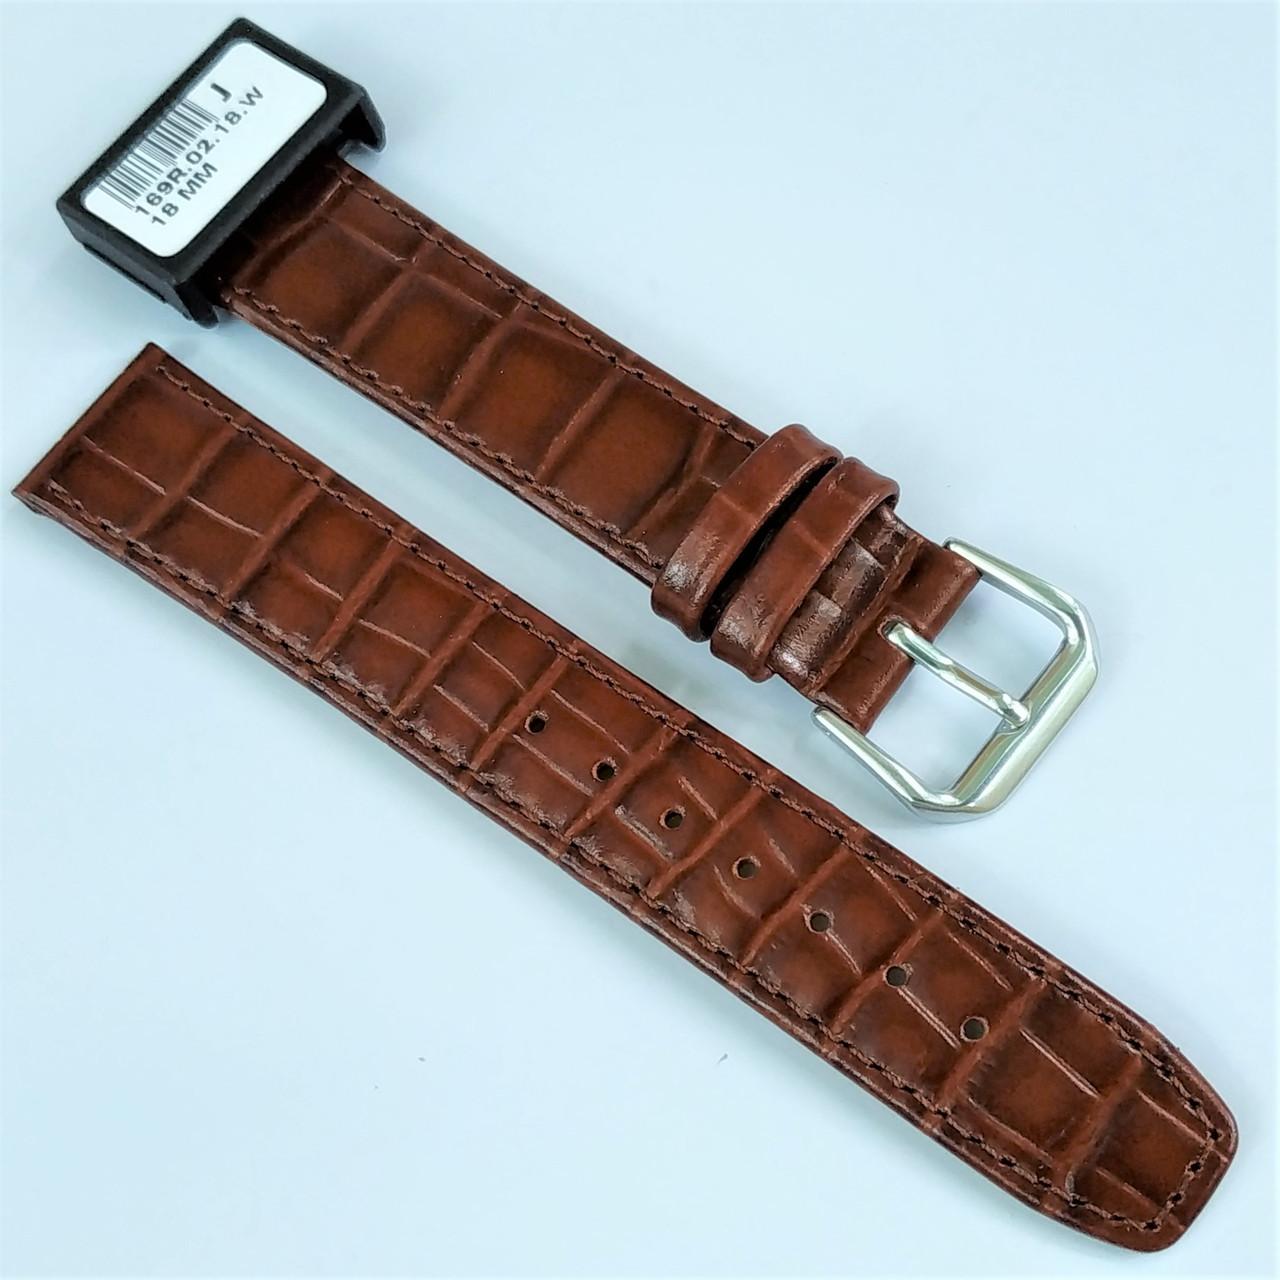 18 мм Кожаный Ремешок для часов CONDOR 169.18.02 Коричневый Ремешок на часы из Натуральной кожи